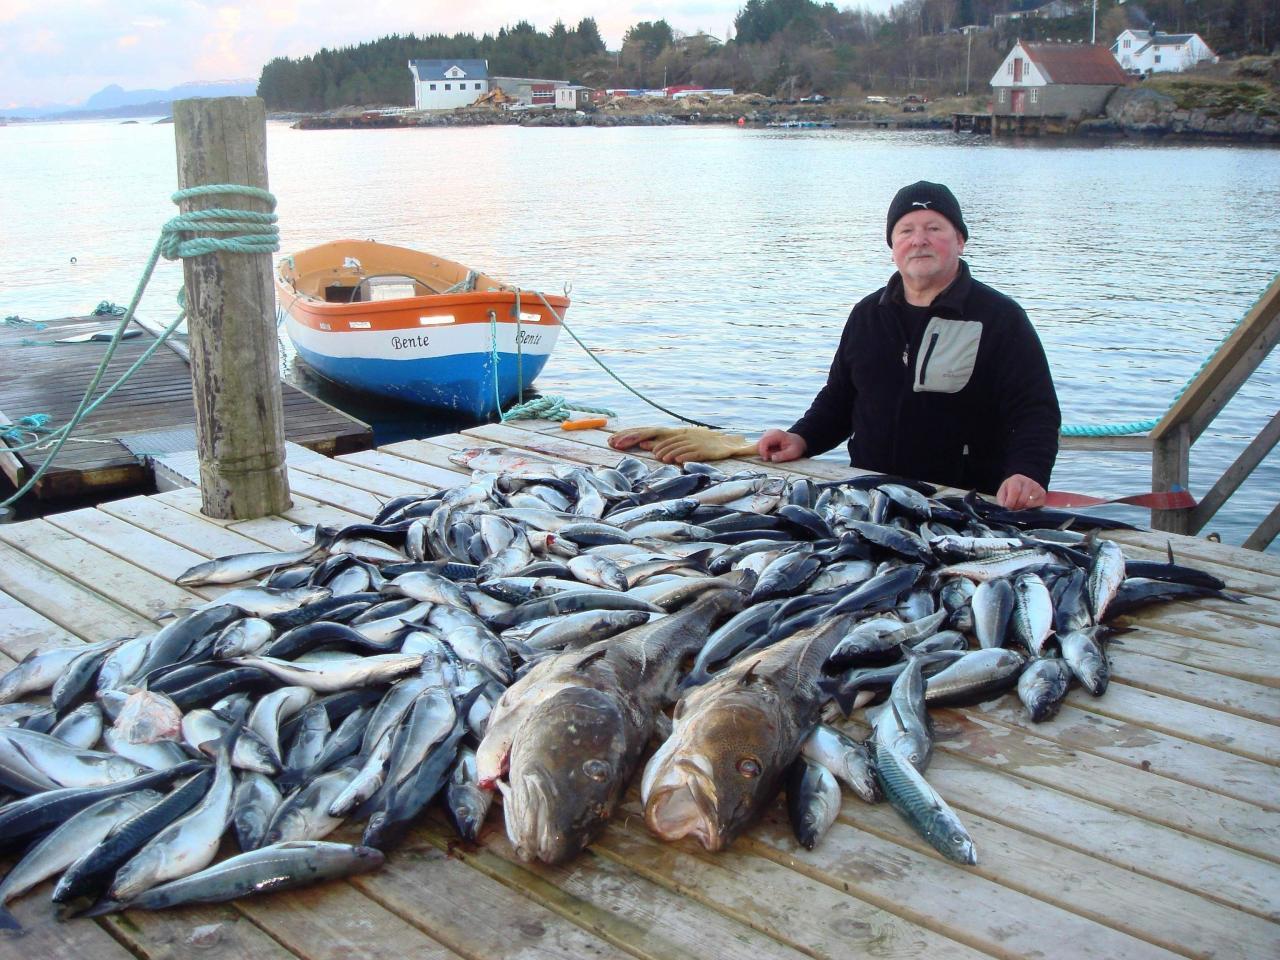 Norsko, rybolov, ostrov Averoy, rybářské centrum